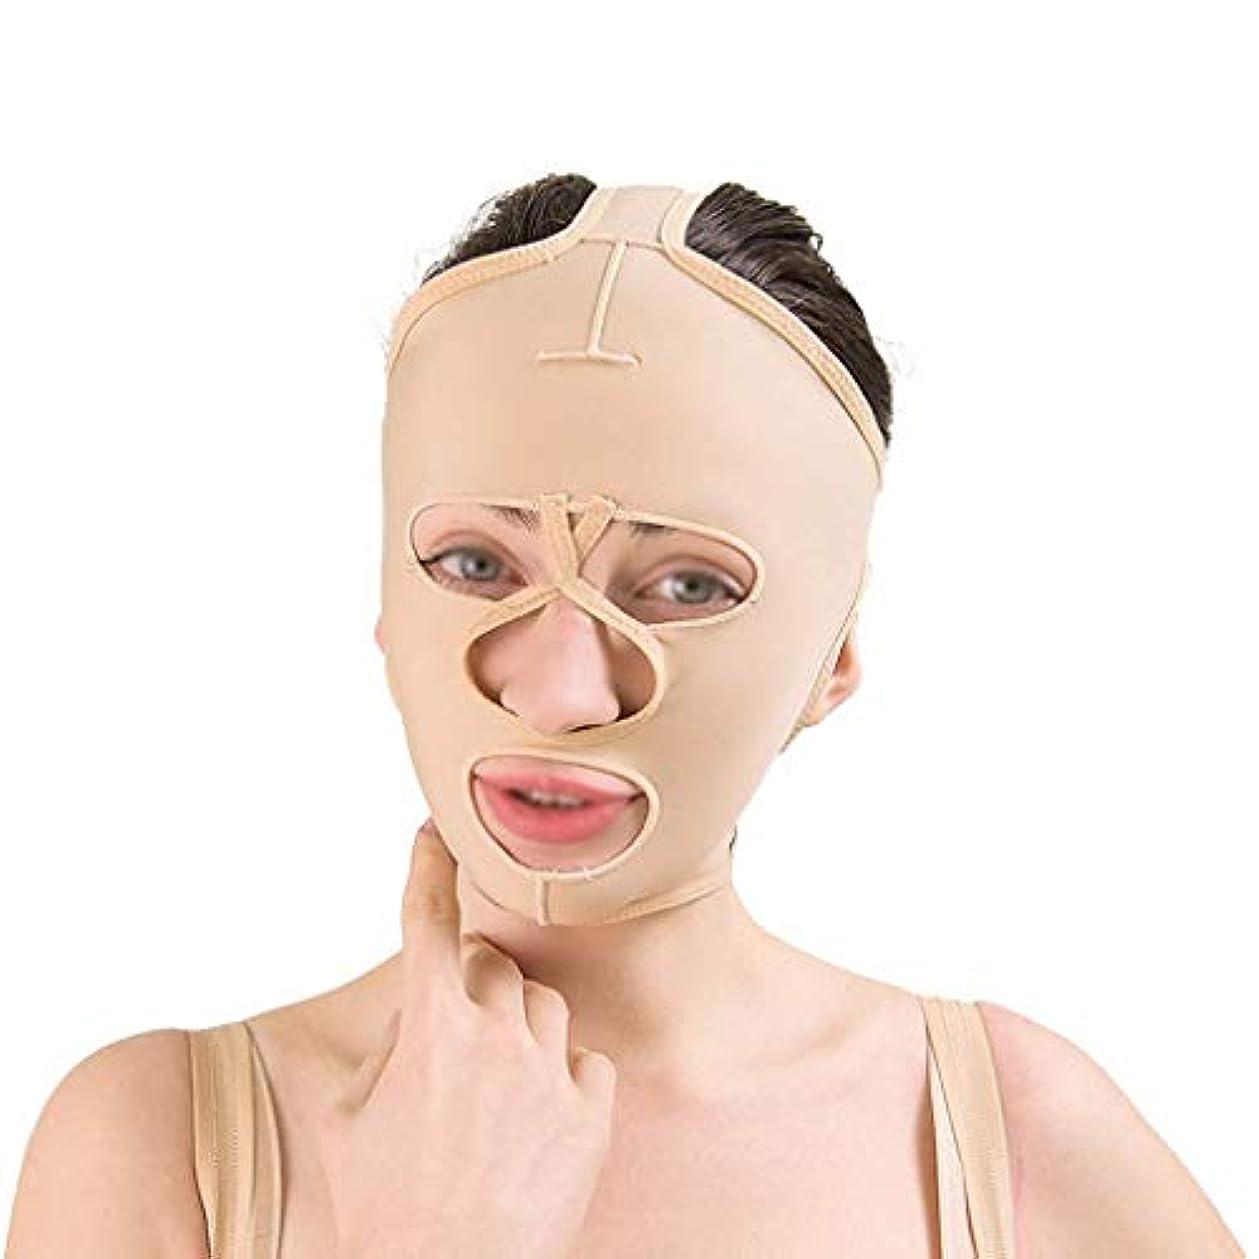 犯人定義する樹皮フェイシャルリフティングツール、フェイシャルビューティーリフティングマスク、通気性引き締めリフティングフェイシャル包帯、フェイシャルタイトバンデージ(サイズ:L),ザ?